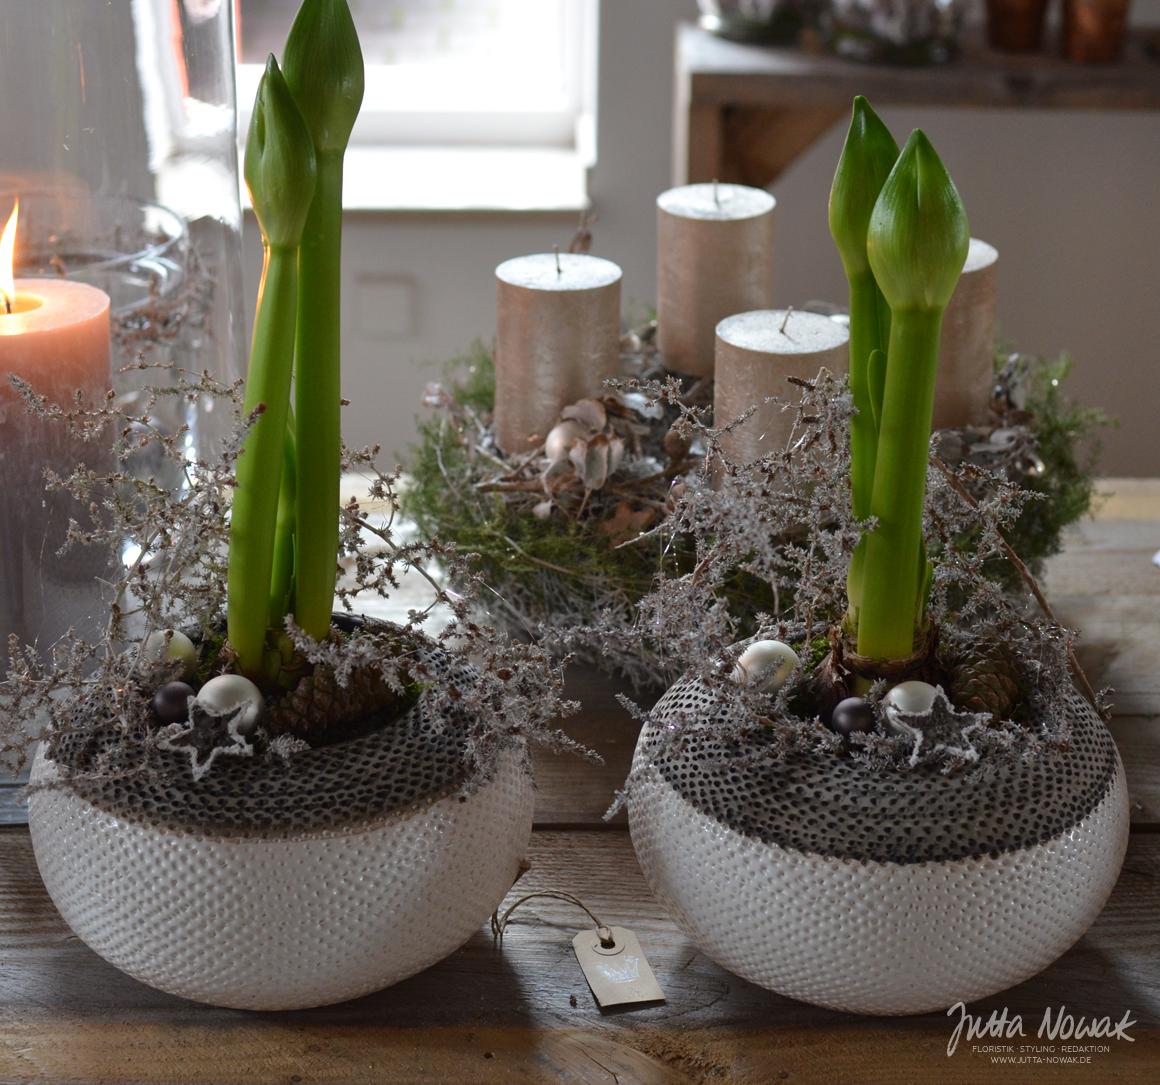 Jutta Nowak: Adventsausstellung 2015, weiße, gefüllte Amaryllis in Keramikschalen